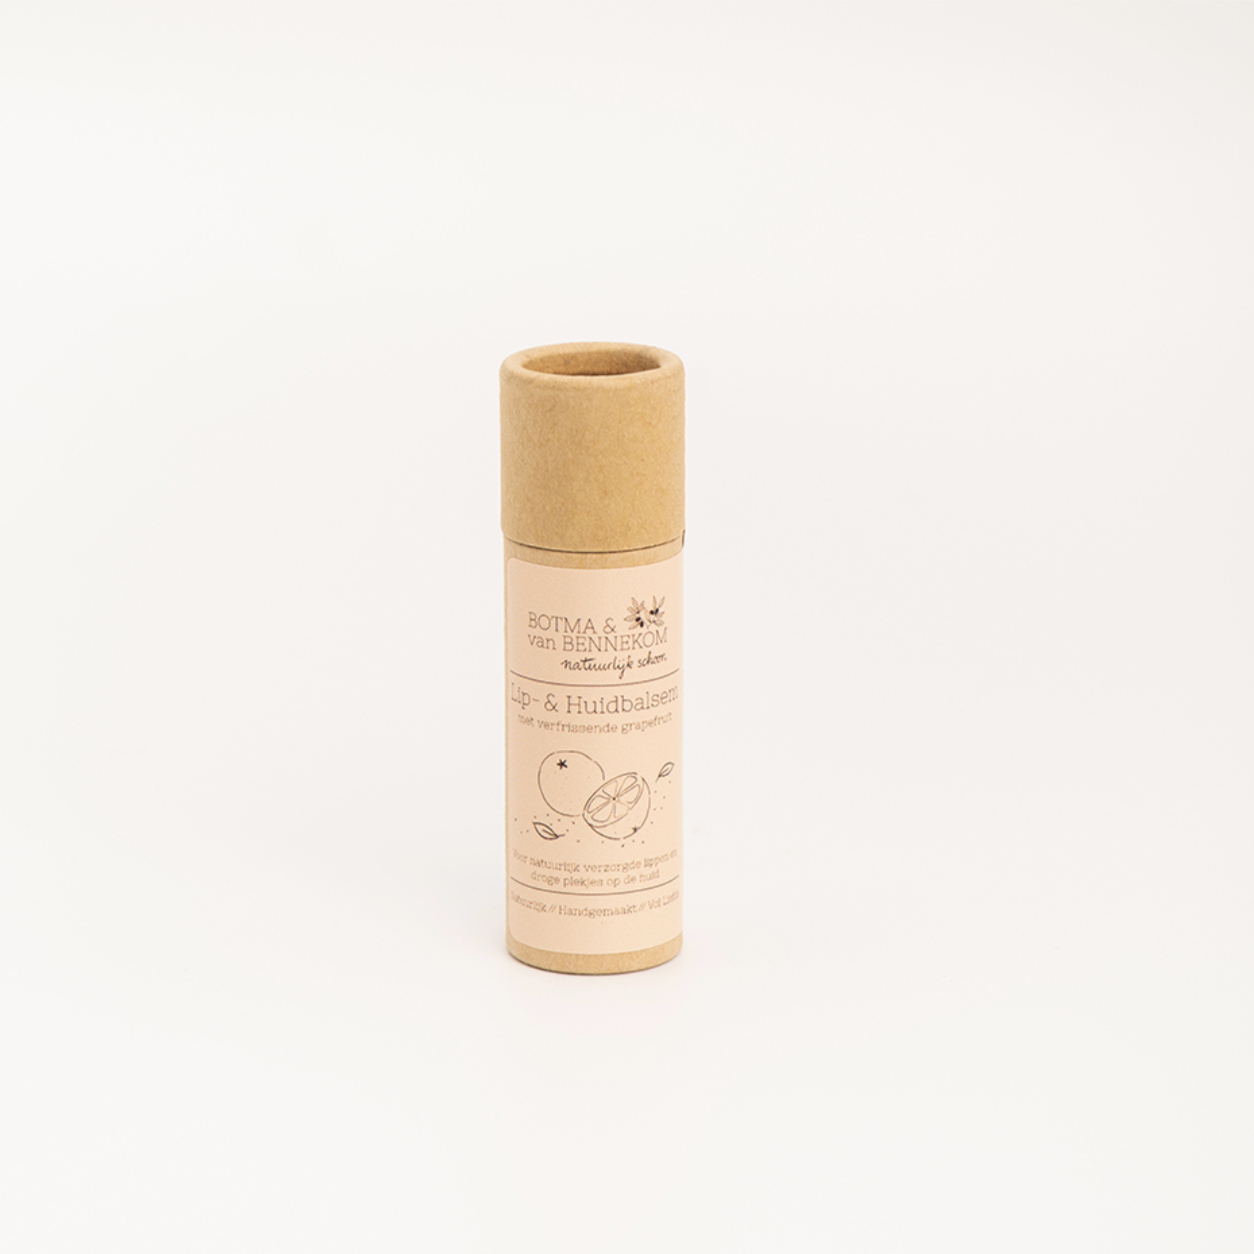 Lip - en huidbalsem - BOTMA & van BENNEKOM-1